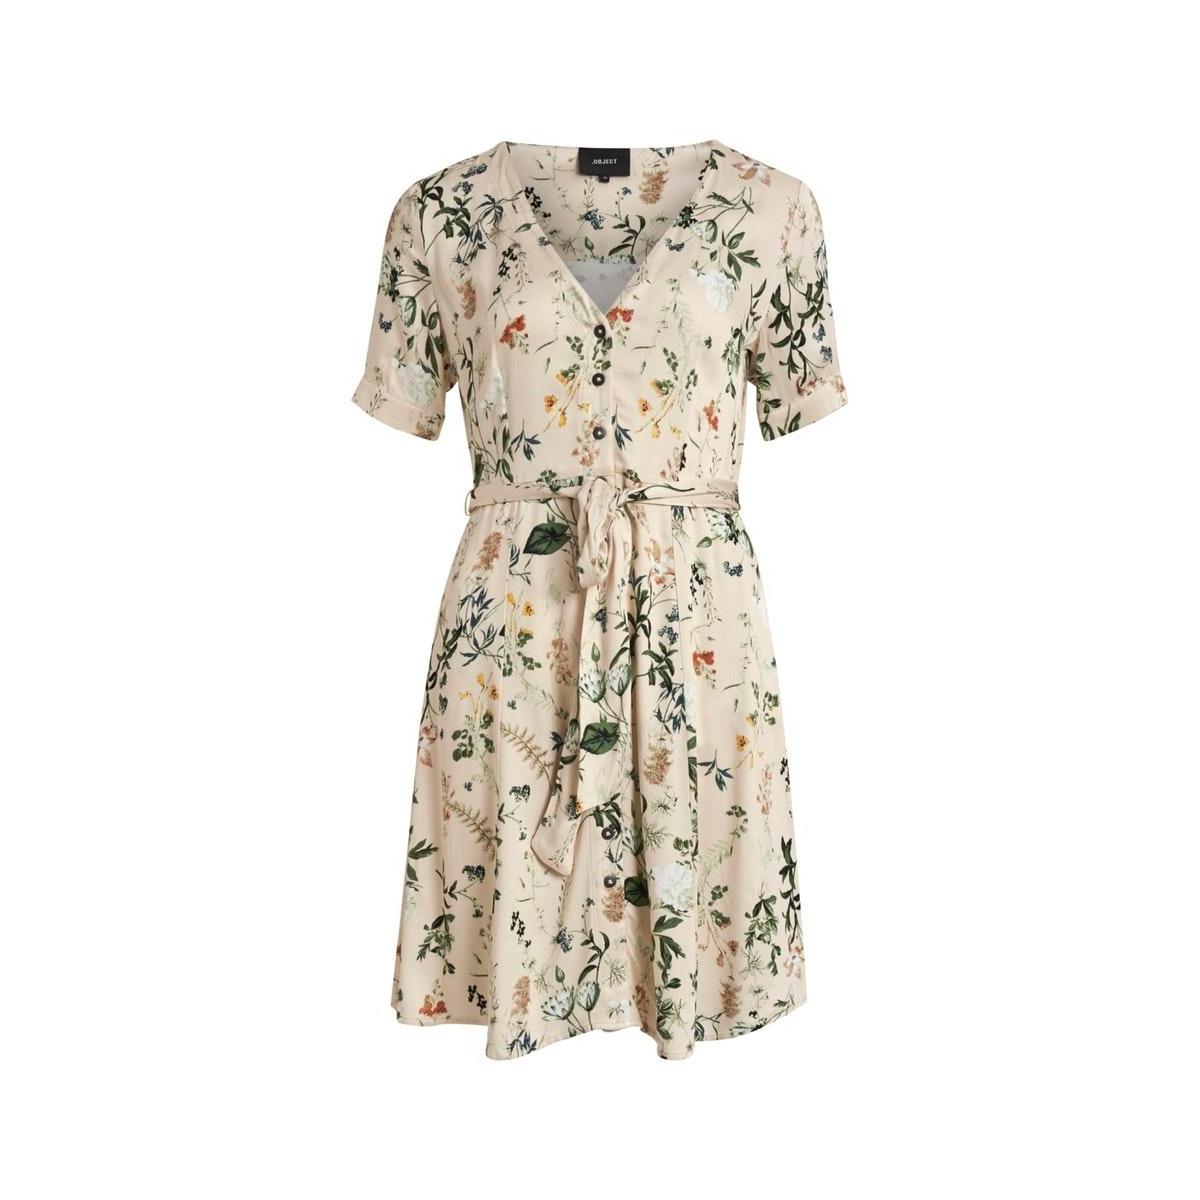 objalba s/s short dress 109 23032902 object jurk ssndshell/multi